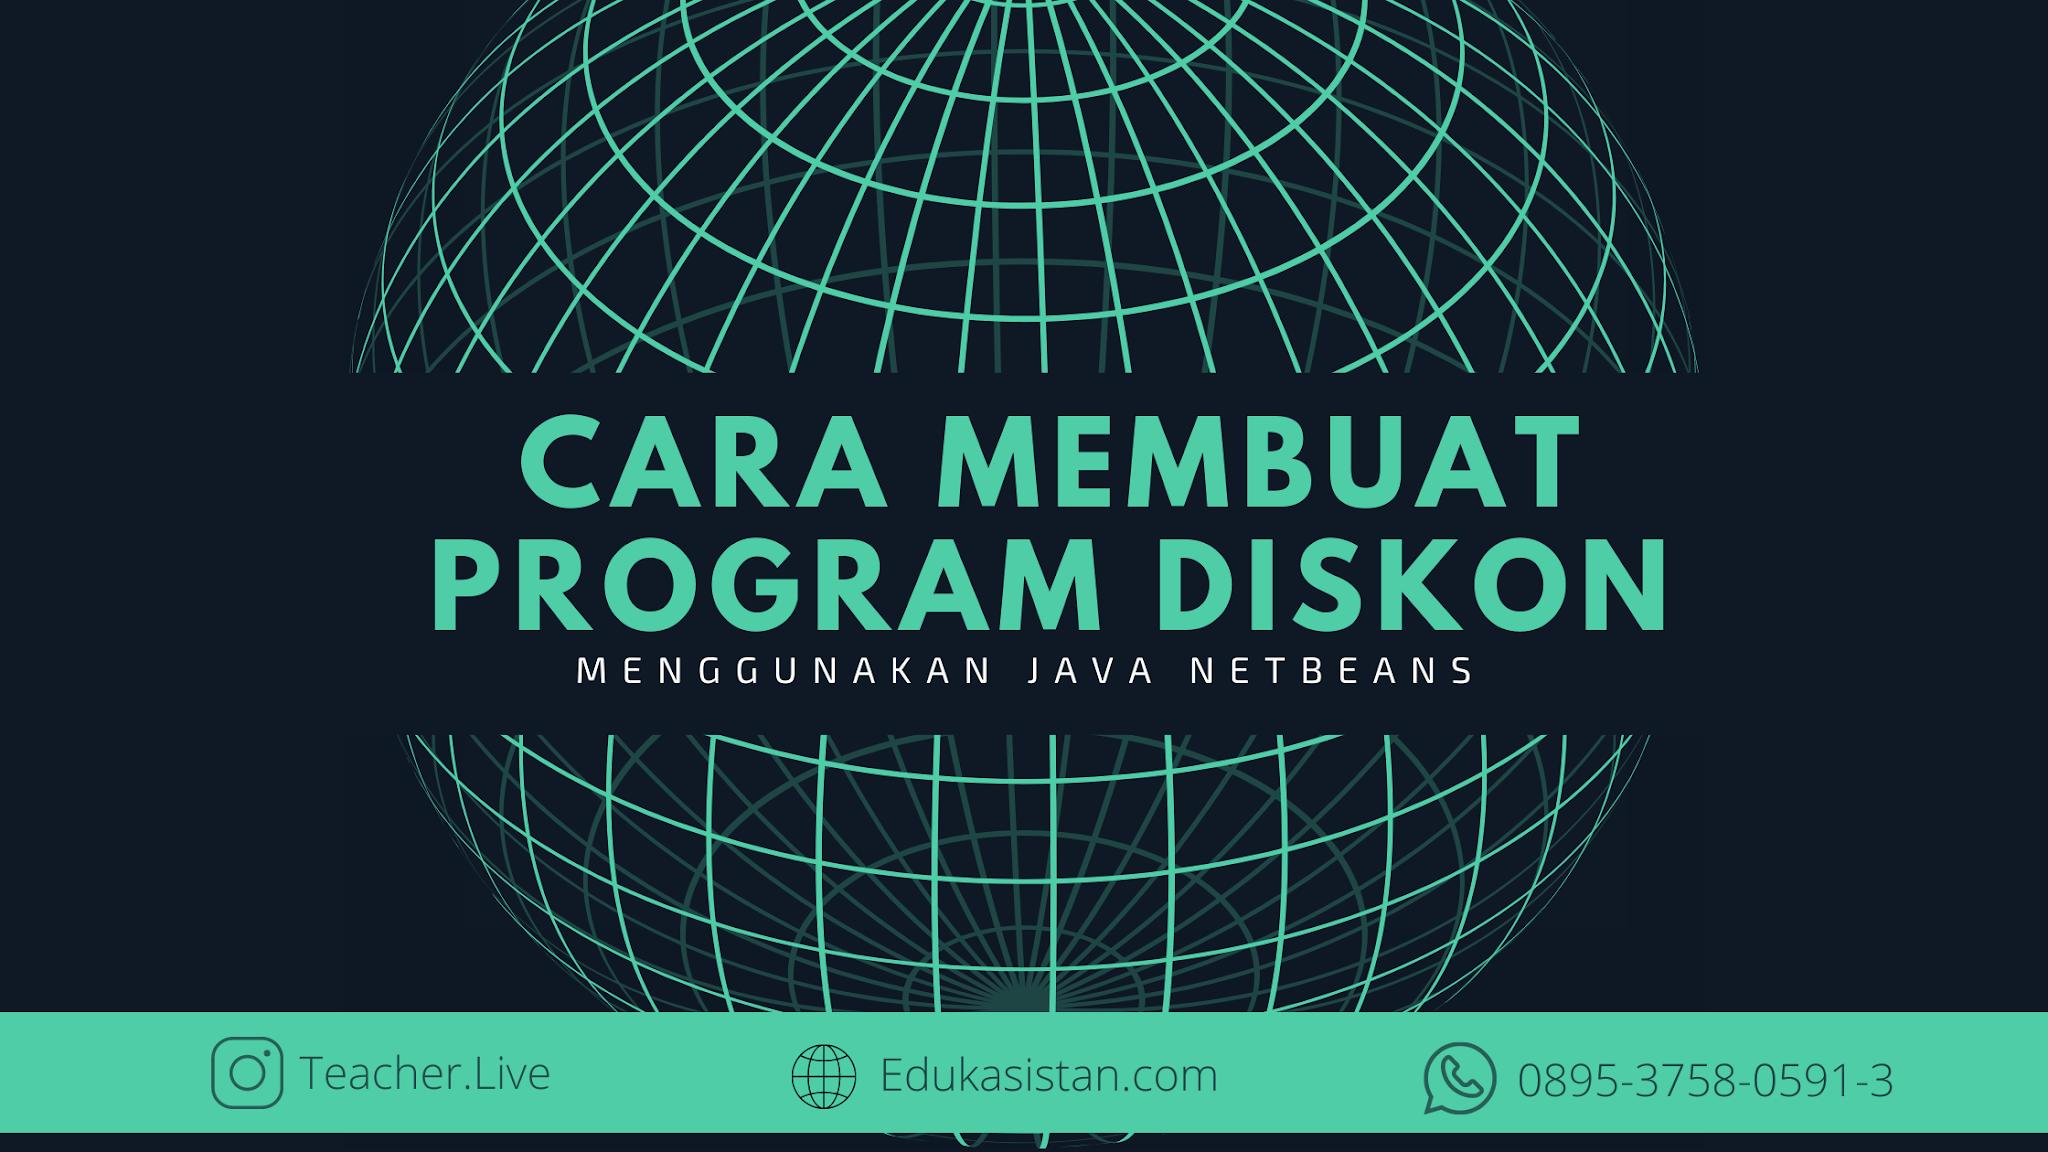 Cara membuat Program diskon Java netbeans